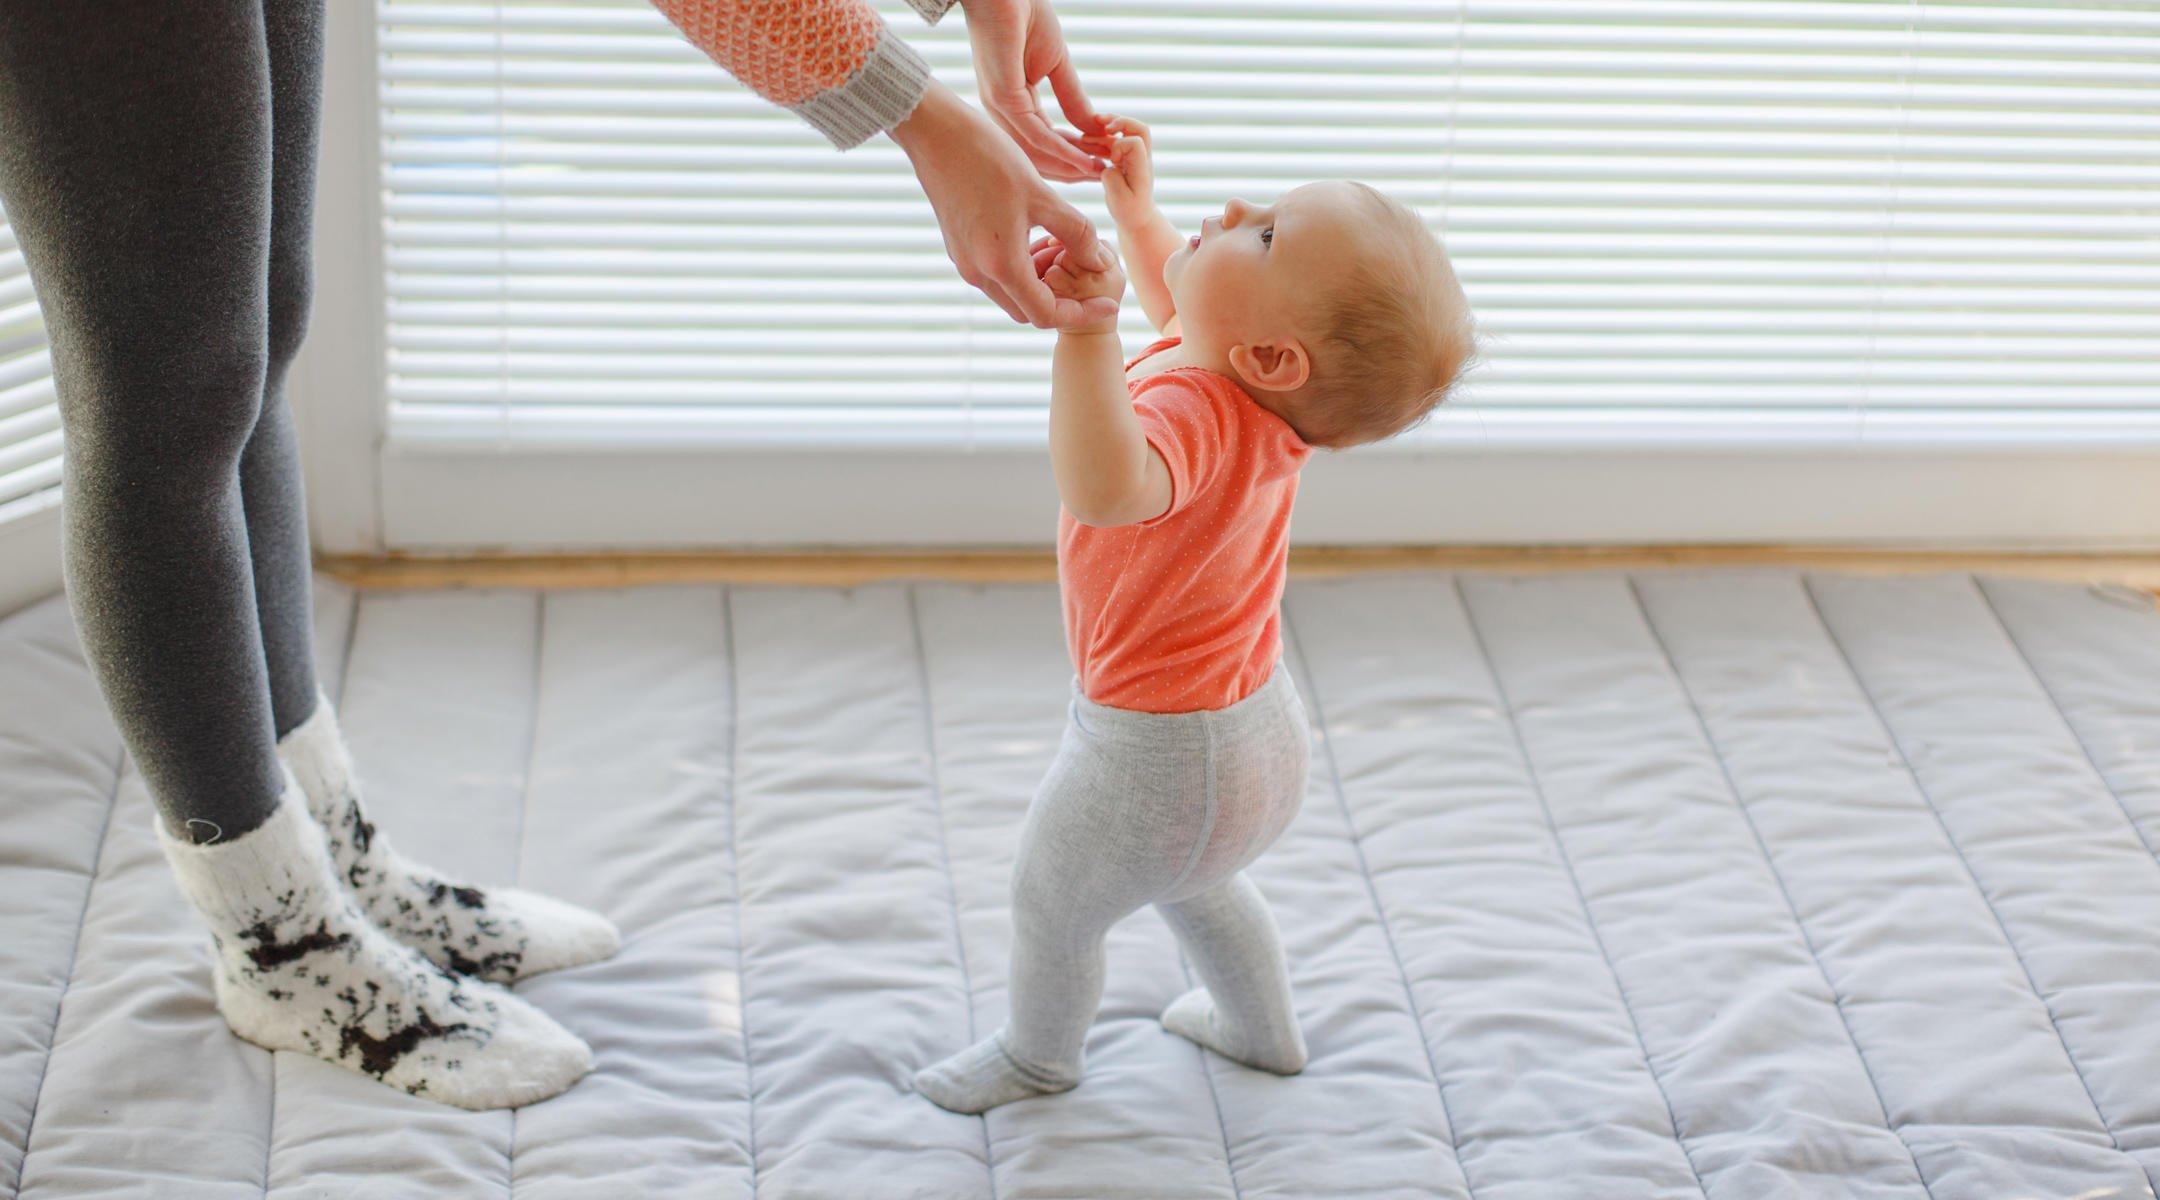 Ragam Cara Melatih Bayi Berjalan Dengan Baik Dan Benar